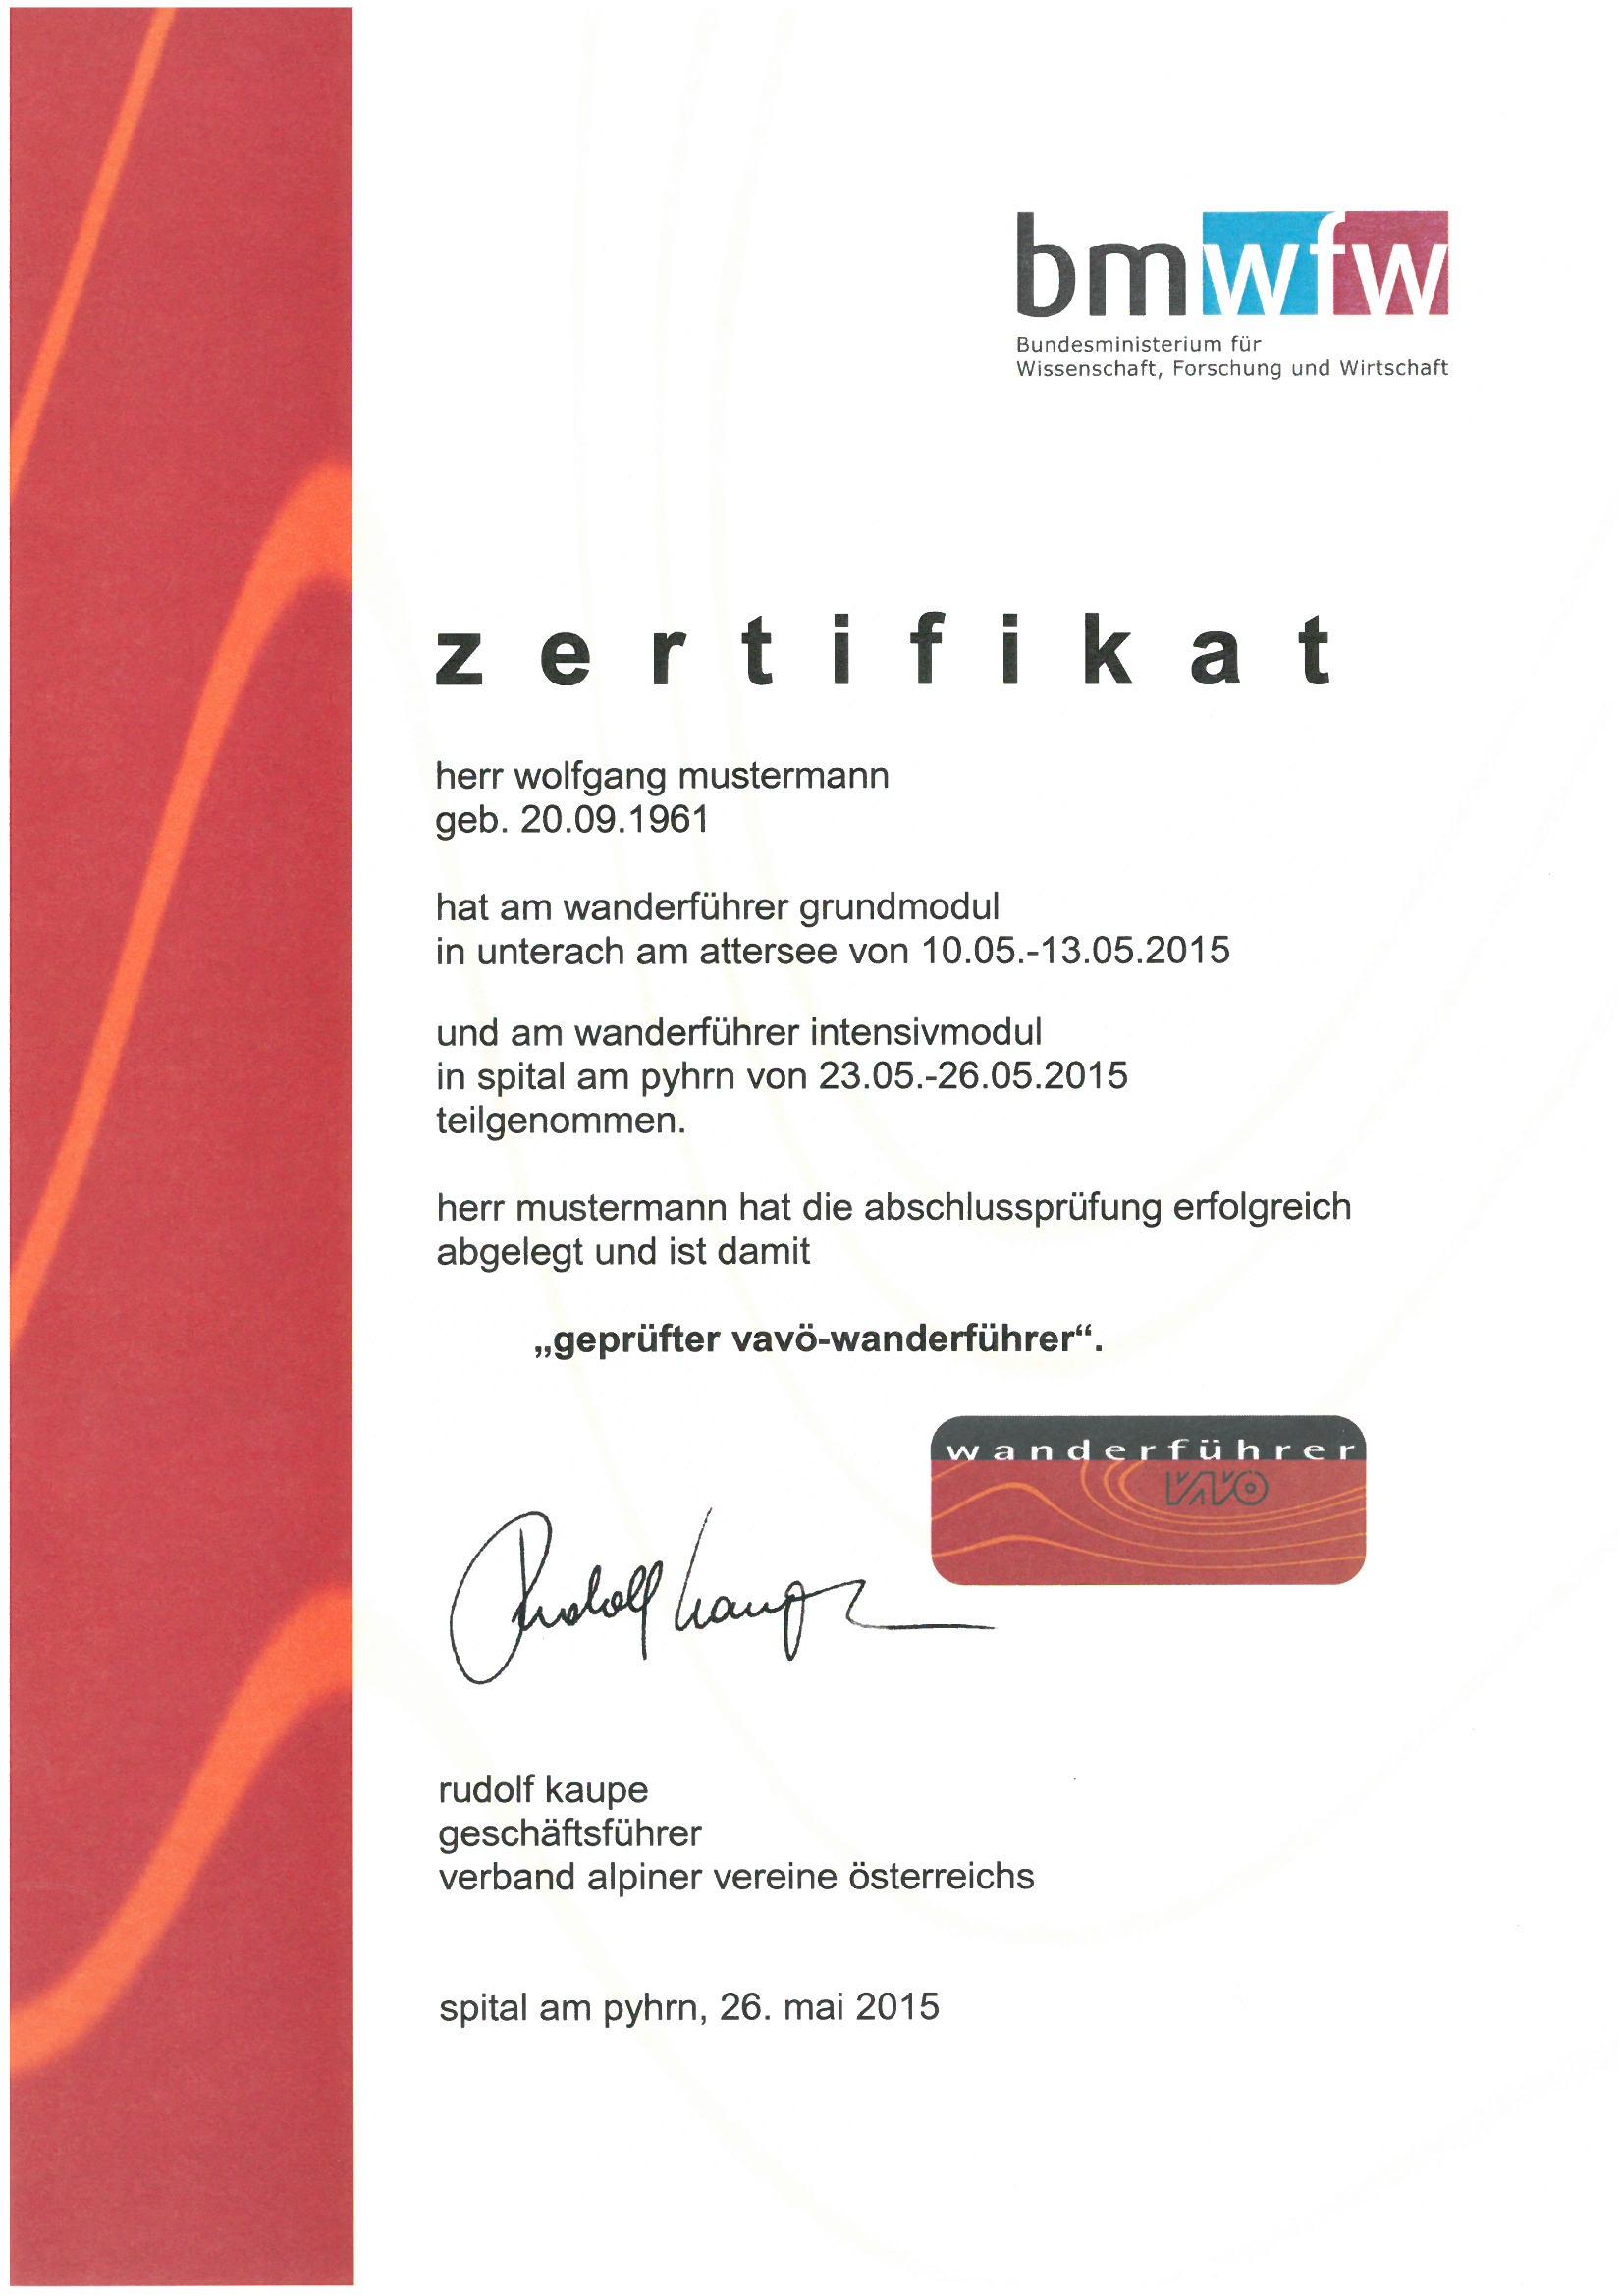 Zertifikat für Wanderführer